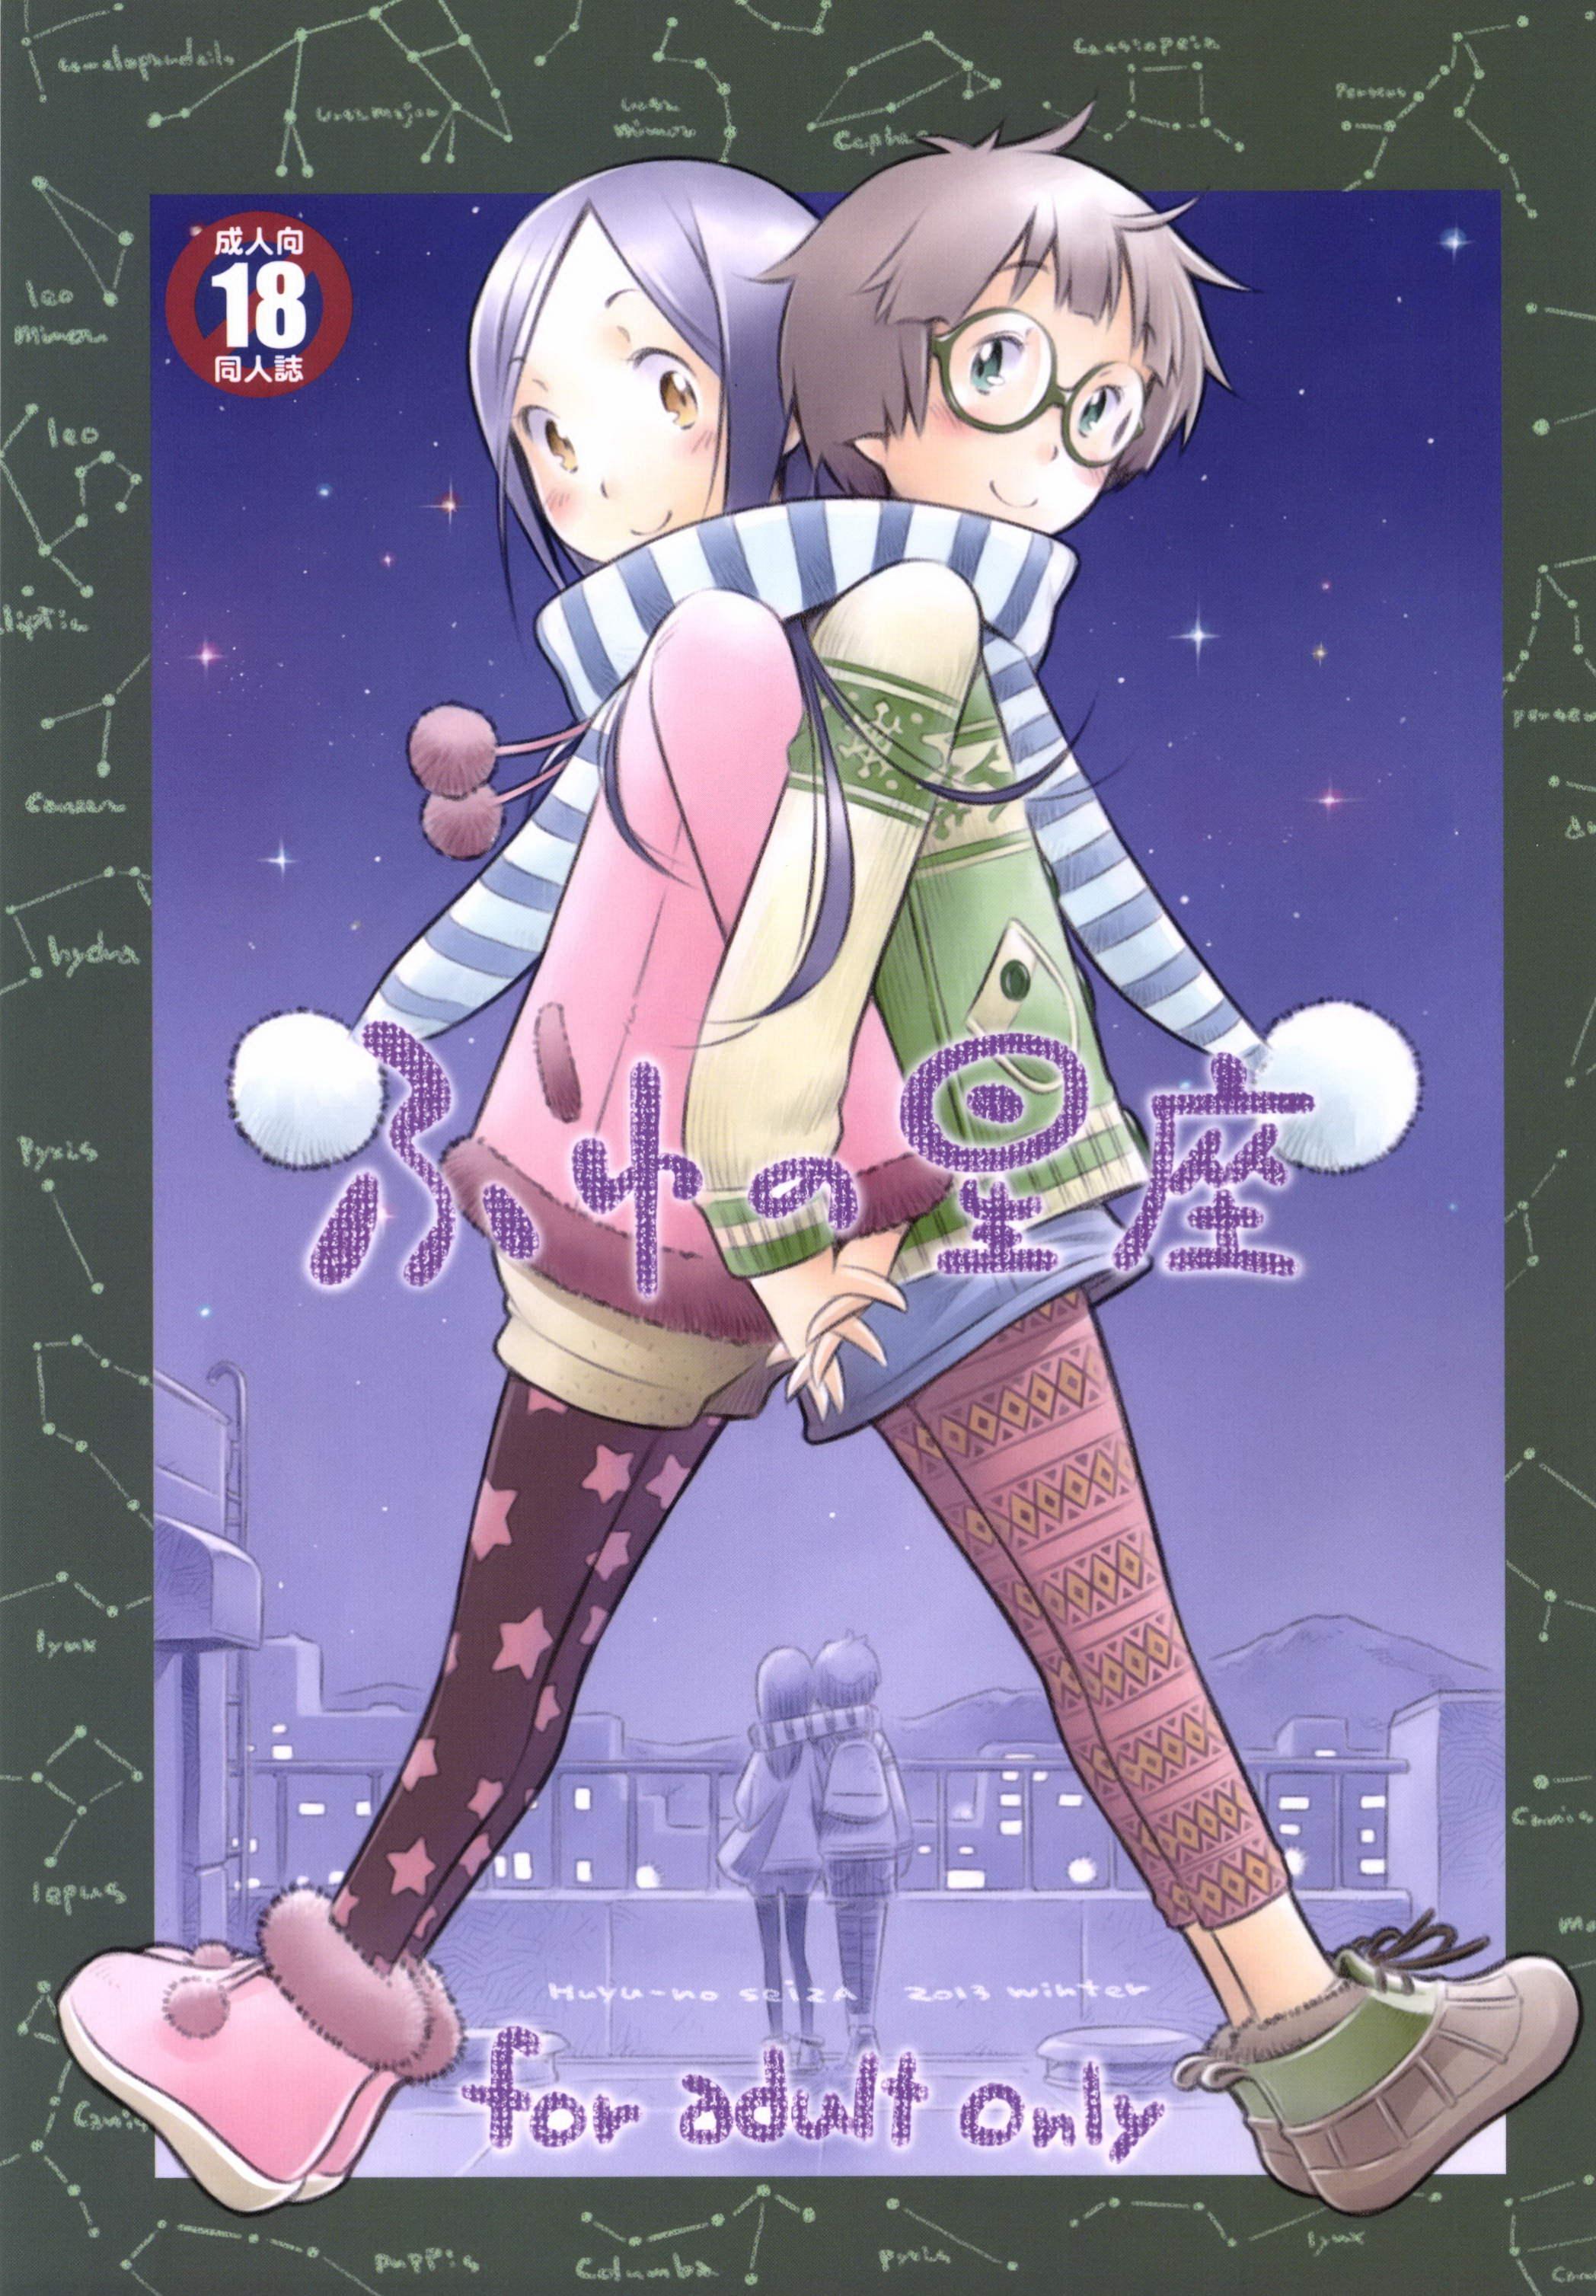 【エロ漫画・エロ同人】貧乳ロリ少女が林間学校で出会った少女にエッチ教えられてるwオナニー教えられアナルの気持ち良さもレズセックスもねwww